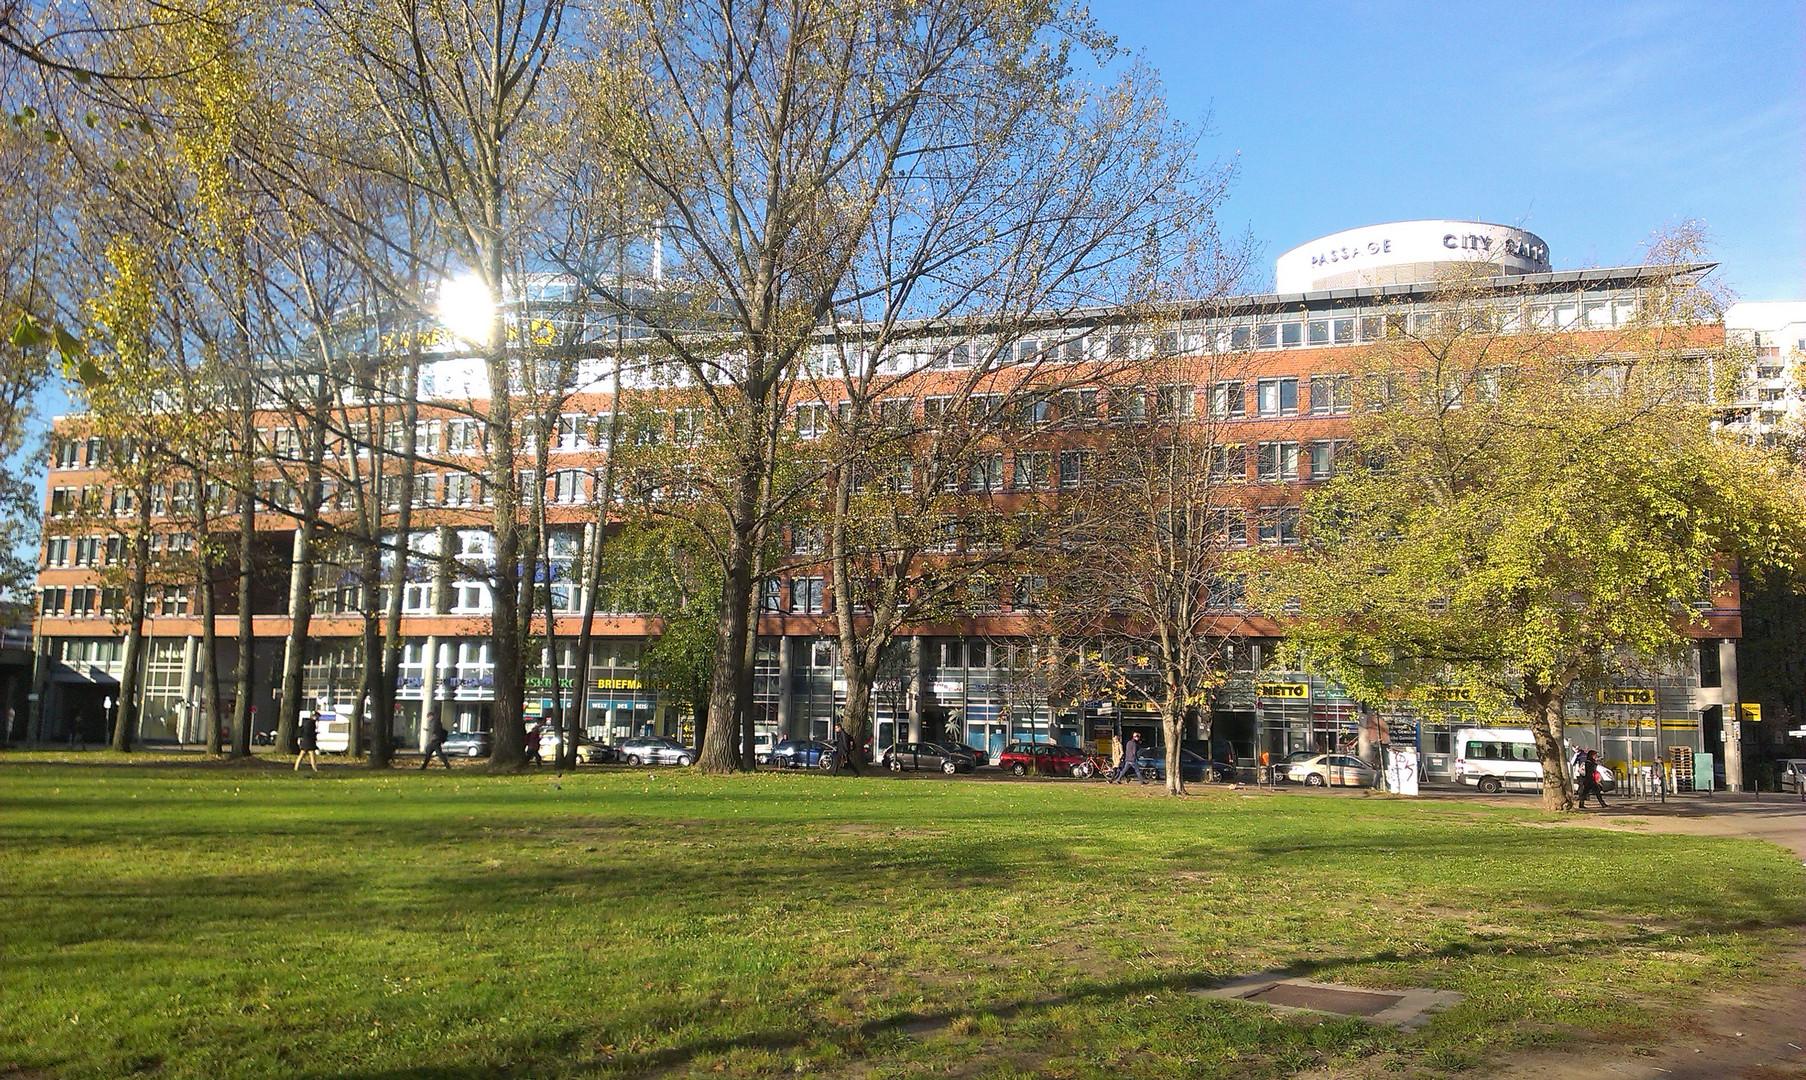 Blick auf die Commerz-Bank Filiale am Ostbahnhof